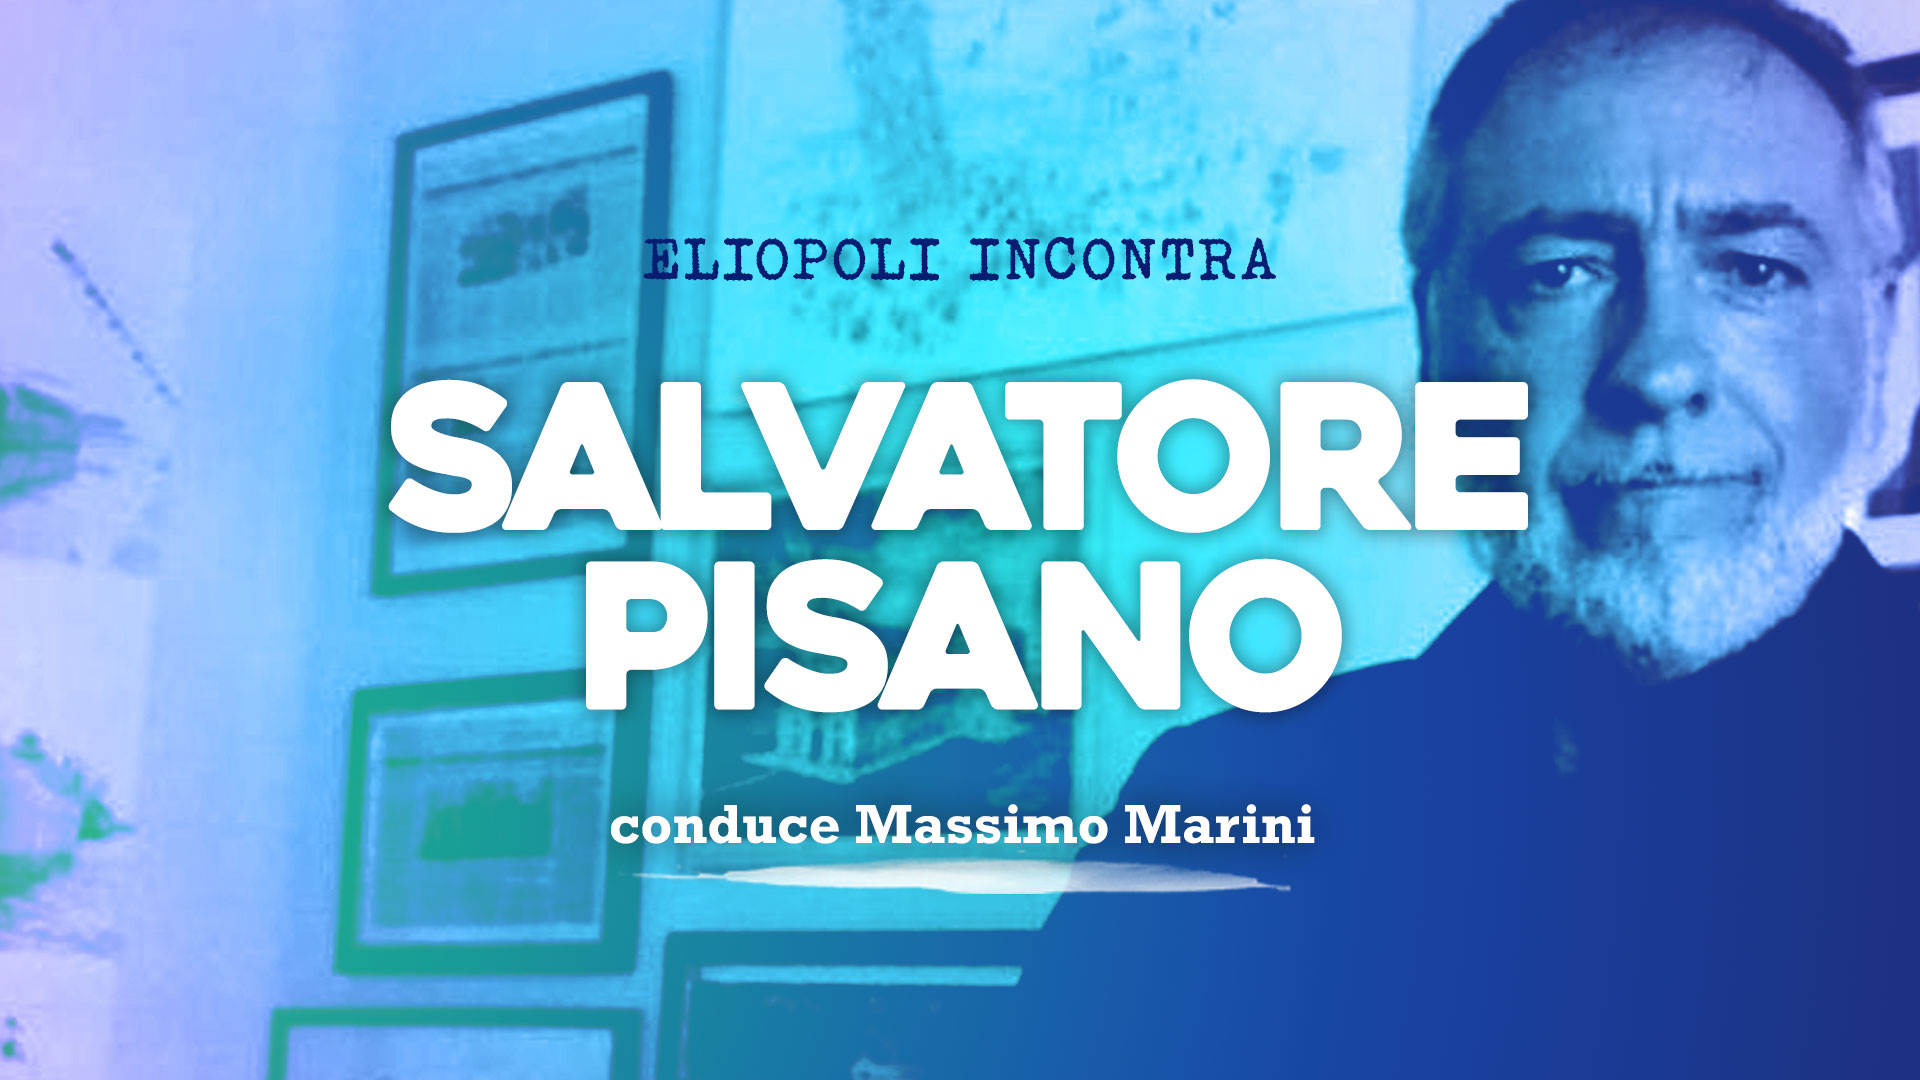 Eliopoli incontra Salvatore Pisano